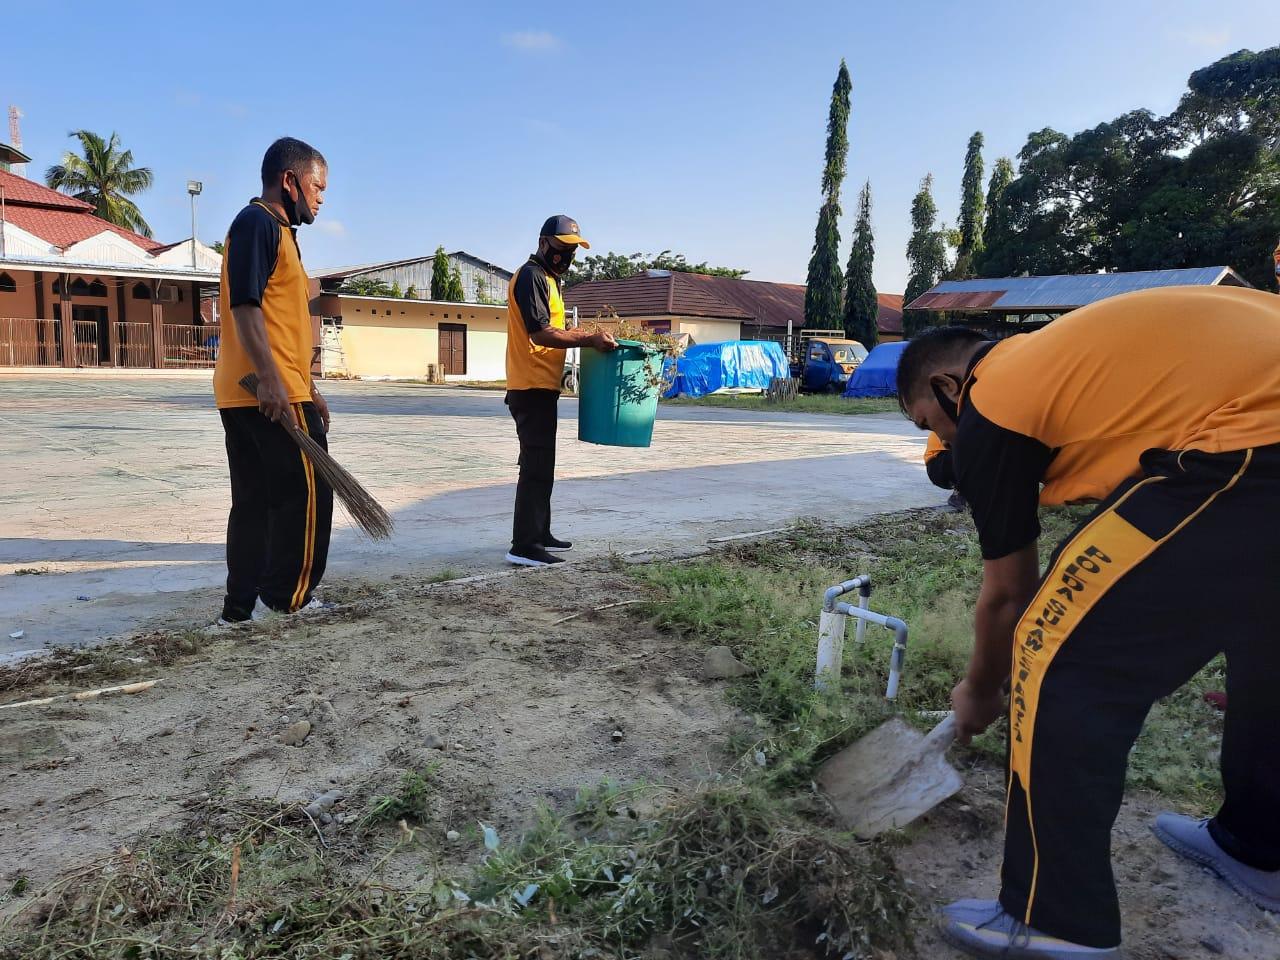 Waka Polres Majene : Bersih itu Cerminan Pribadi yang Baik